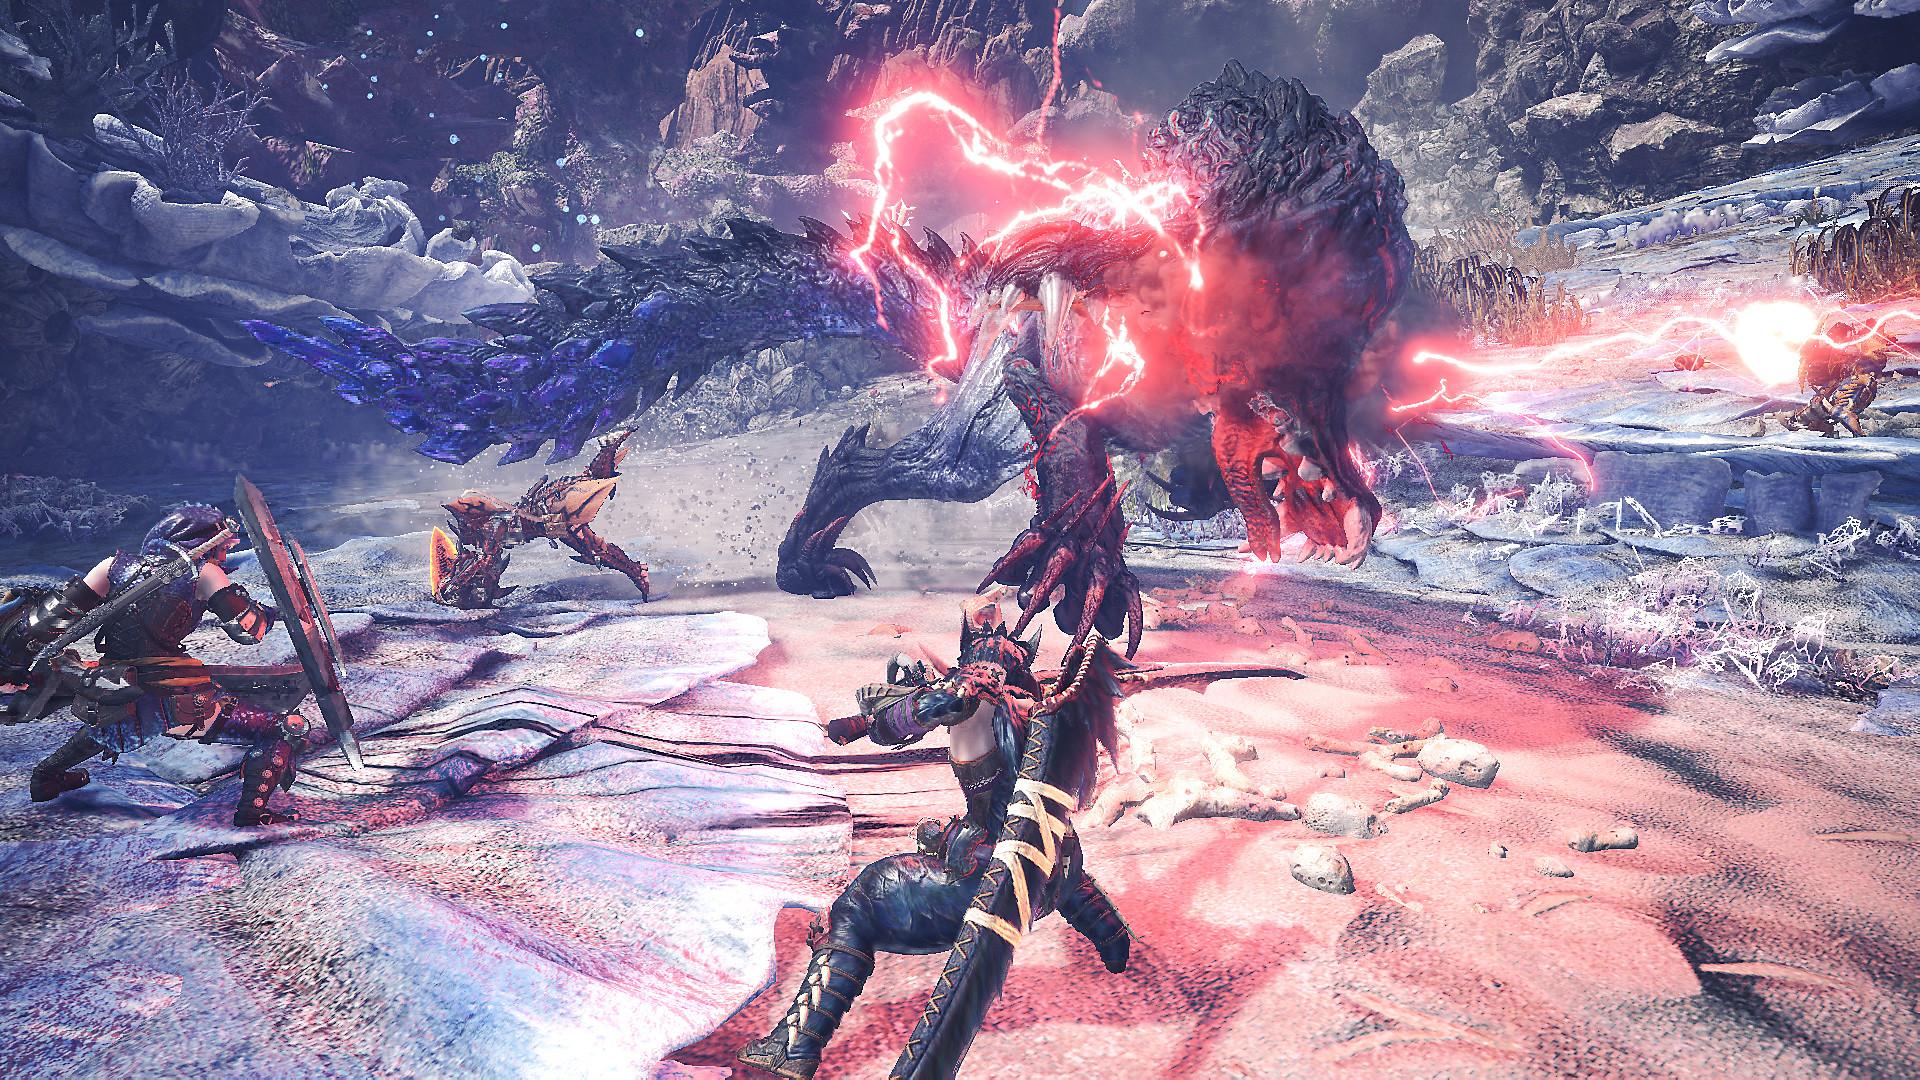 Monster Hunter World: Iceborne PC Wallpapers - Wallpaper Cave